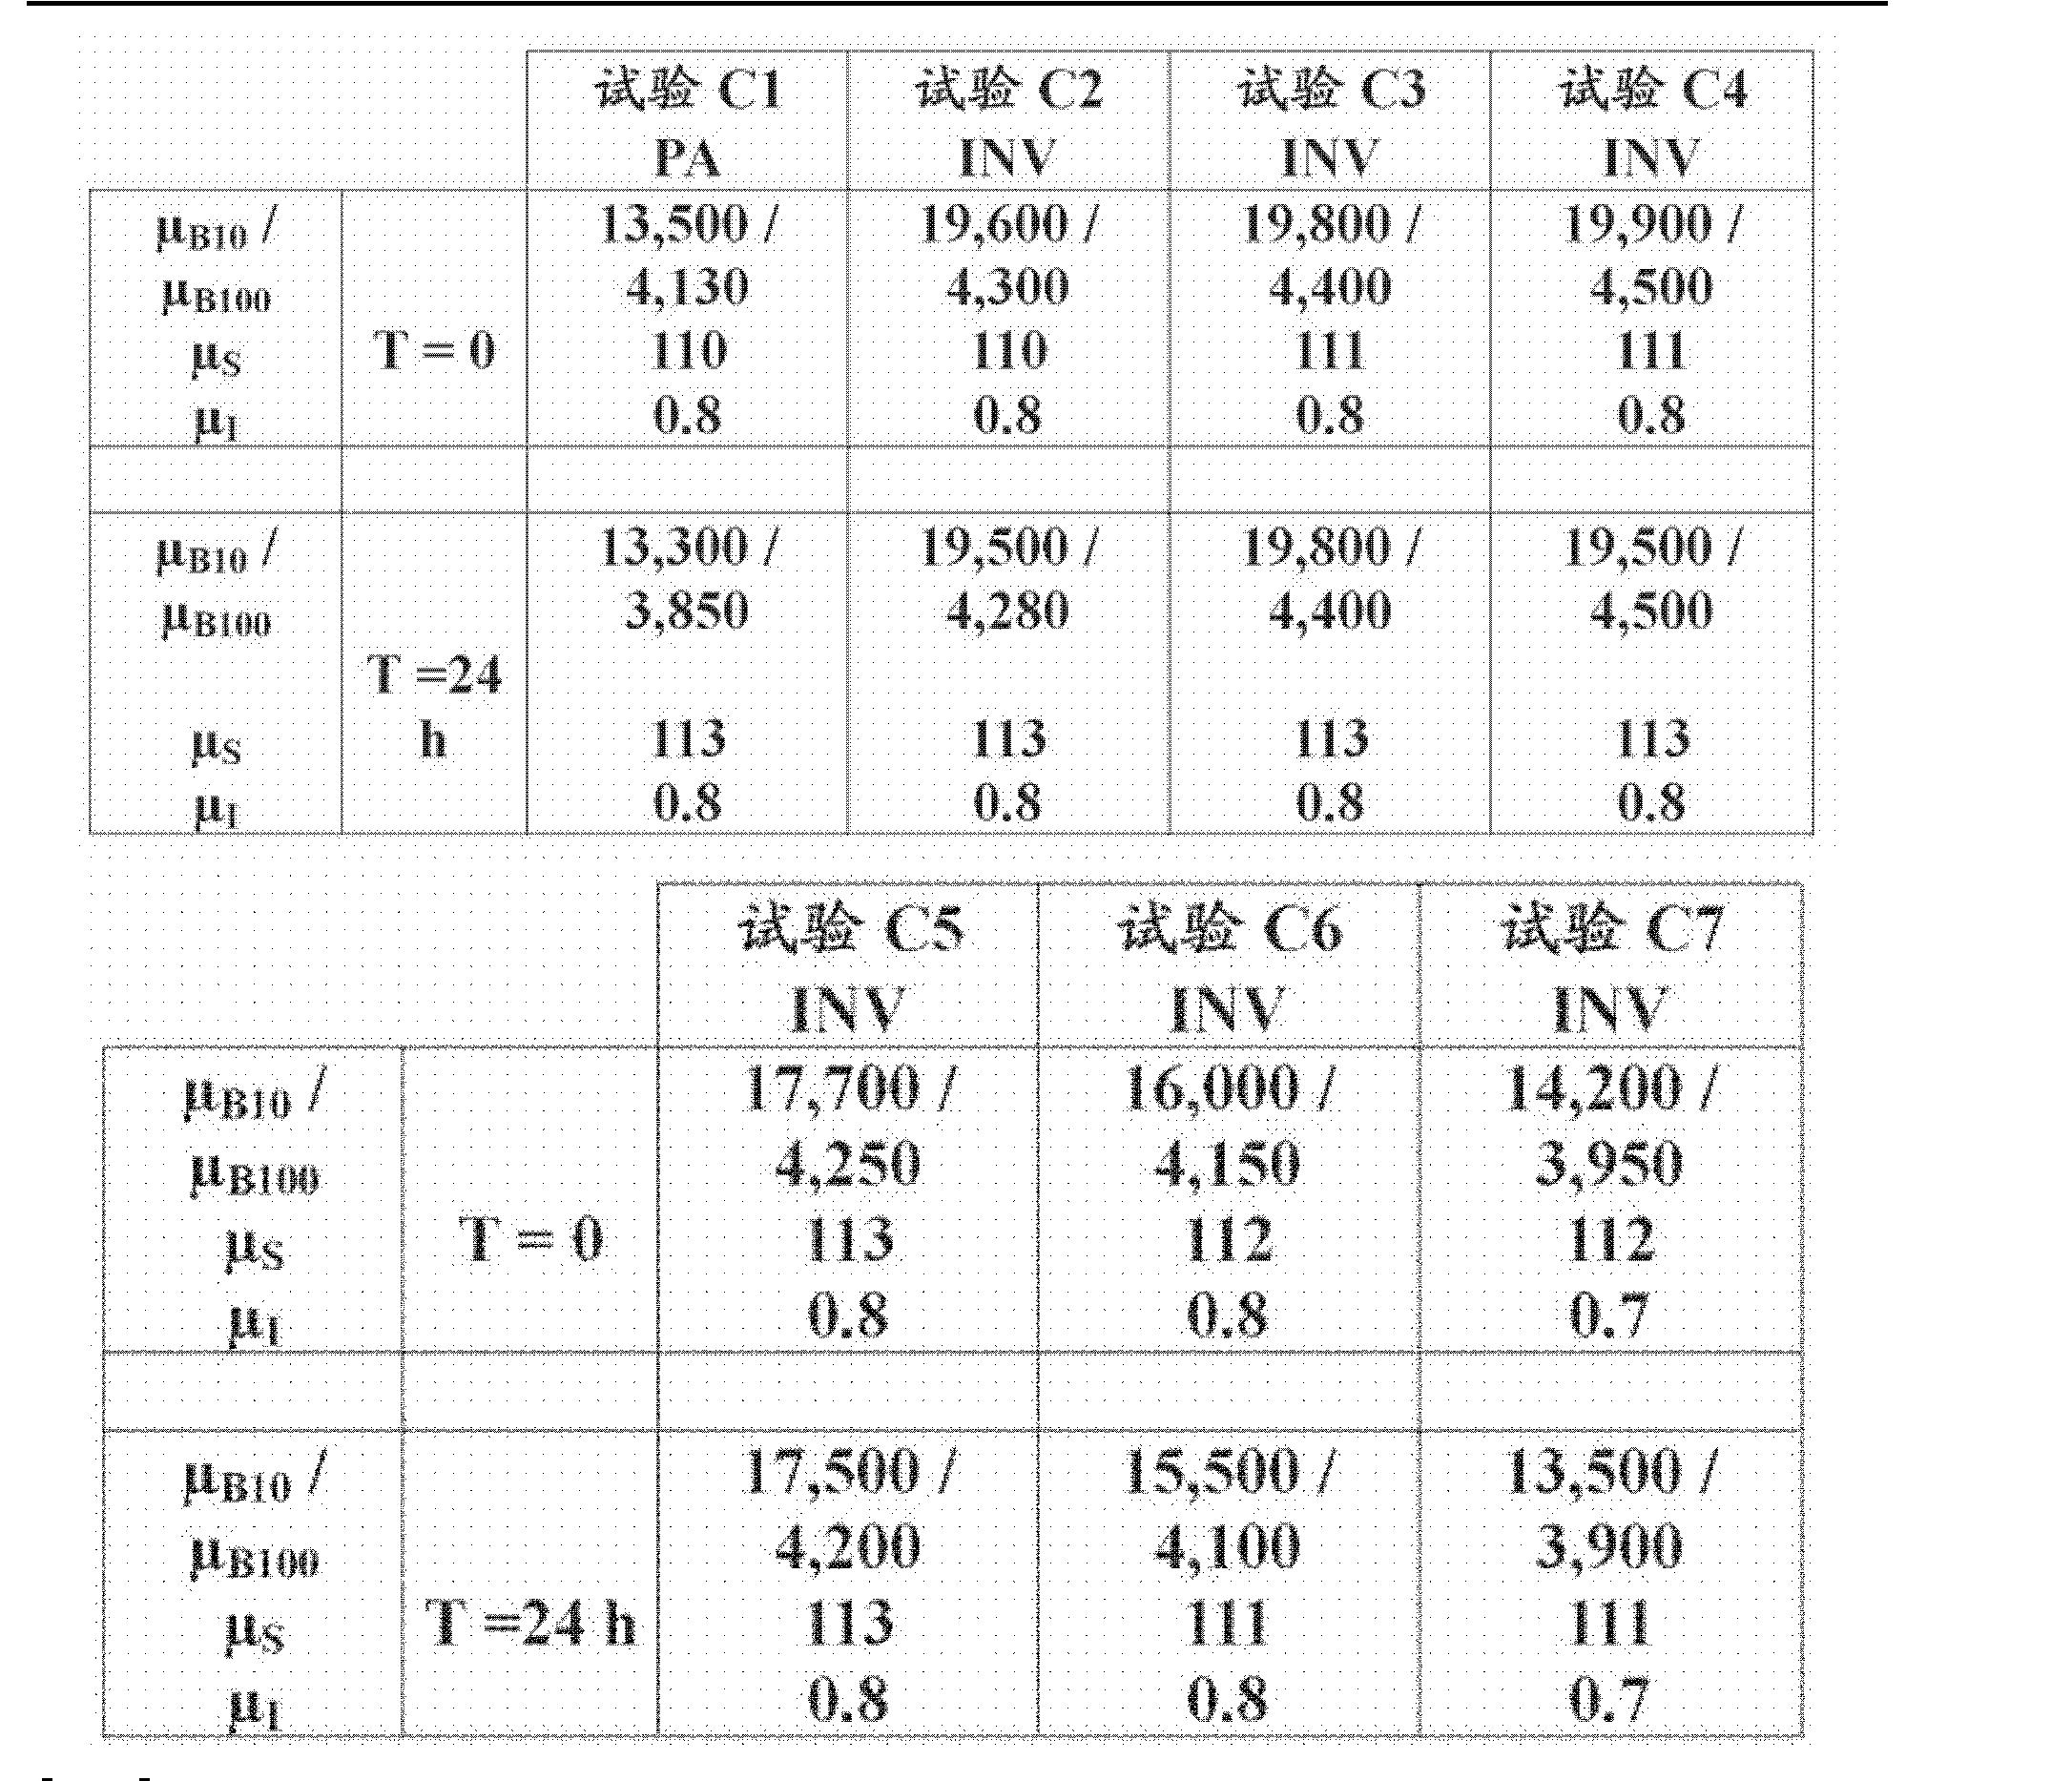 [0019] R = C15H31^n [0020]  = 0,2,4,6 [0021]式(I) [0022] 在本领域的状态中,没有人提出这种结构可能被用于制造用于组成HEUR缔合增稠剂的缔合单体。因此,精炼非污染性原料,所述原料不是得自化石燃料,并且可容易大量获得。 [0023] 另外,已证实,当所述增稠剂用于含水组合物时,其导致特别有益的流变行为。如由举例说明本发明的试验所演示的,在大的剪切梯度间隔内实现了增稠效果:因此,可以向终端用户提供合格范围的产品。最后,颜料相容性没有变差,而这在现有技术中